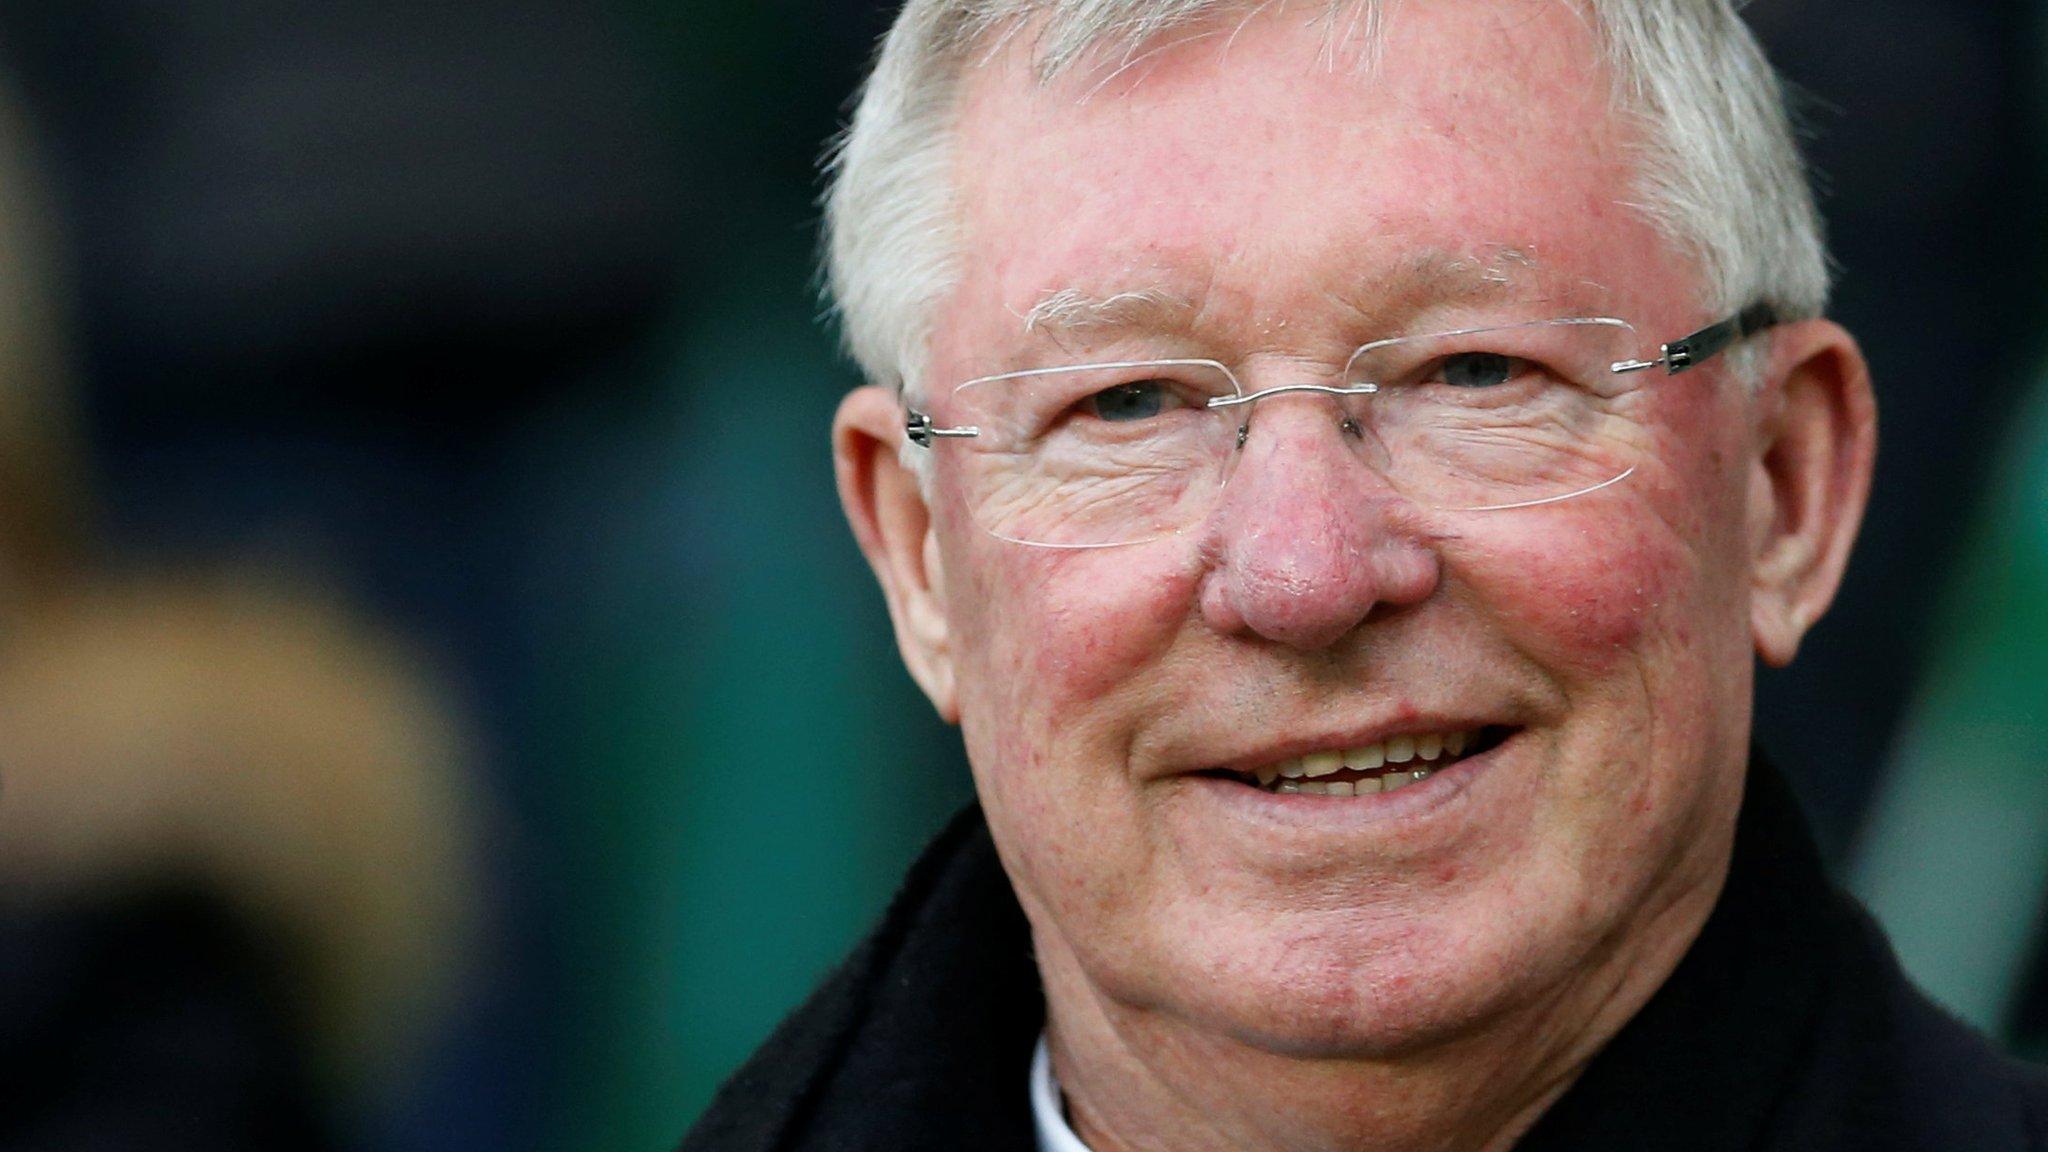 Ex-Man Utd boss Ferguson remains in intensive care